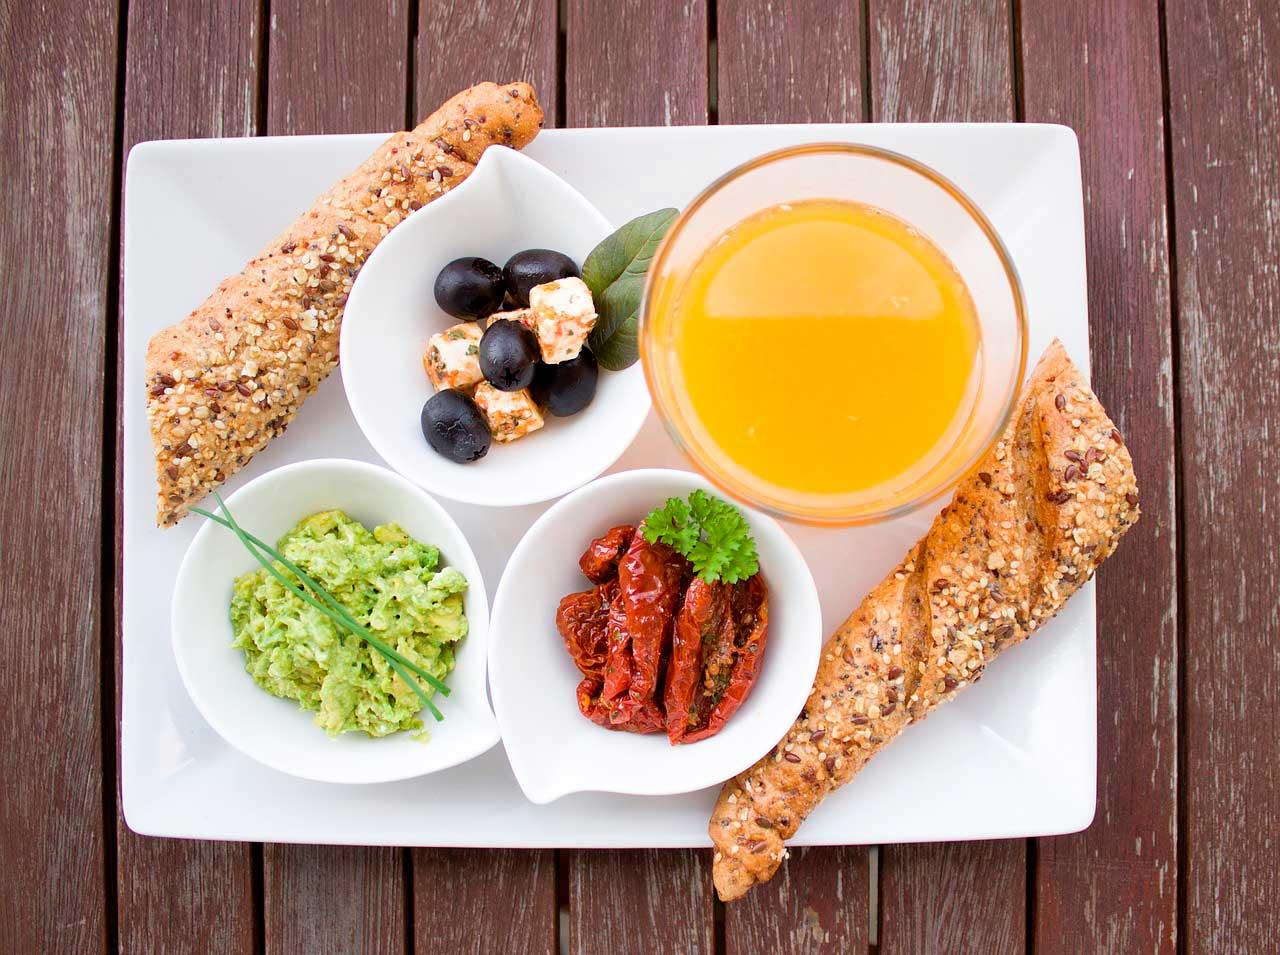 Comida de café da manhã para acelerar o metabolismo